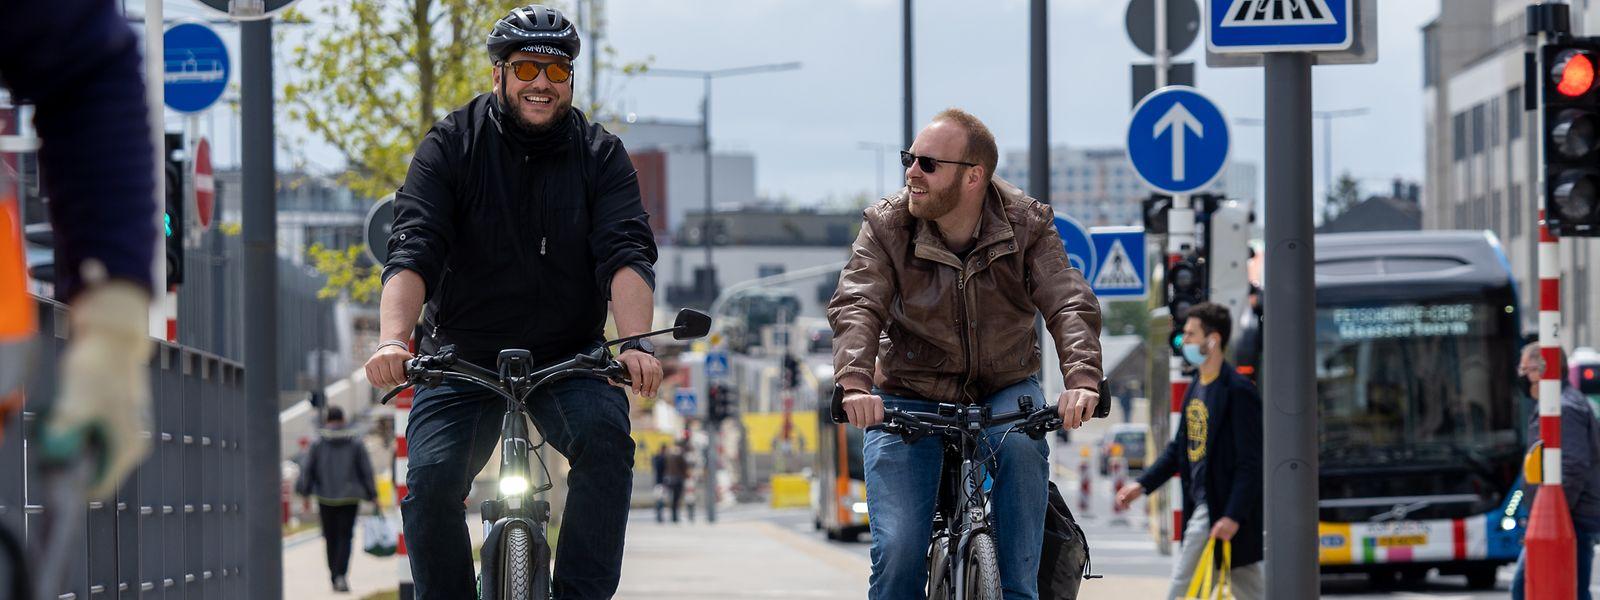 Steve Remesch (l.) und Michael Merten (r.) zählen beide zu jenen Menschen, für die das Fahrrad das alltägliche Fortbewegungsmittel ist.